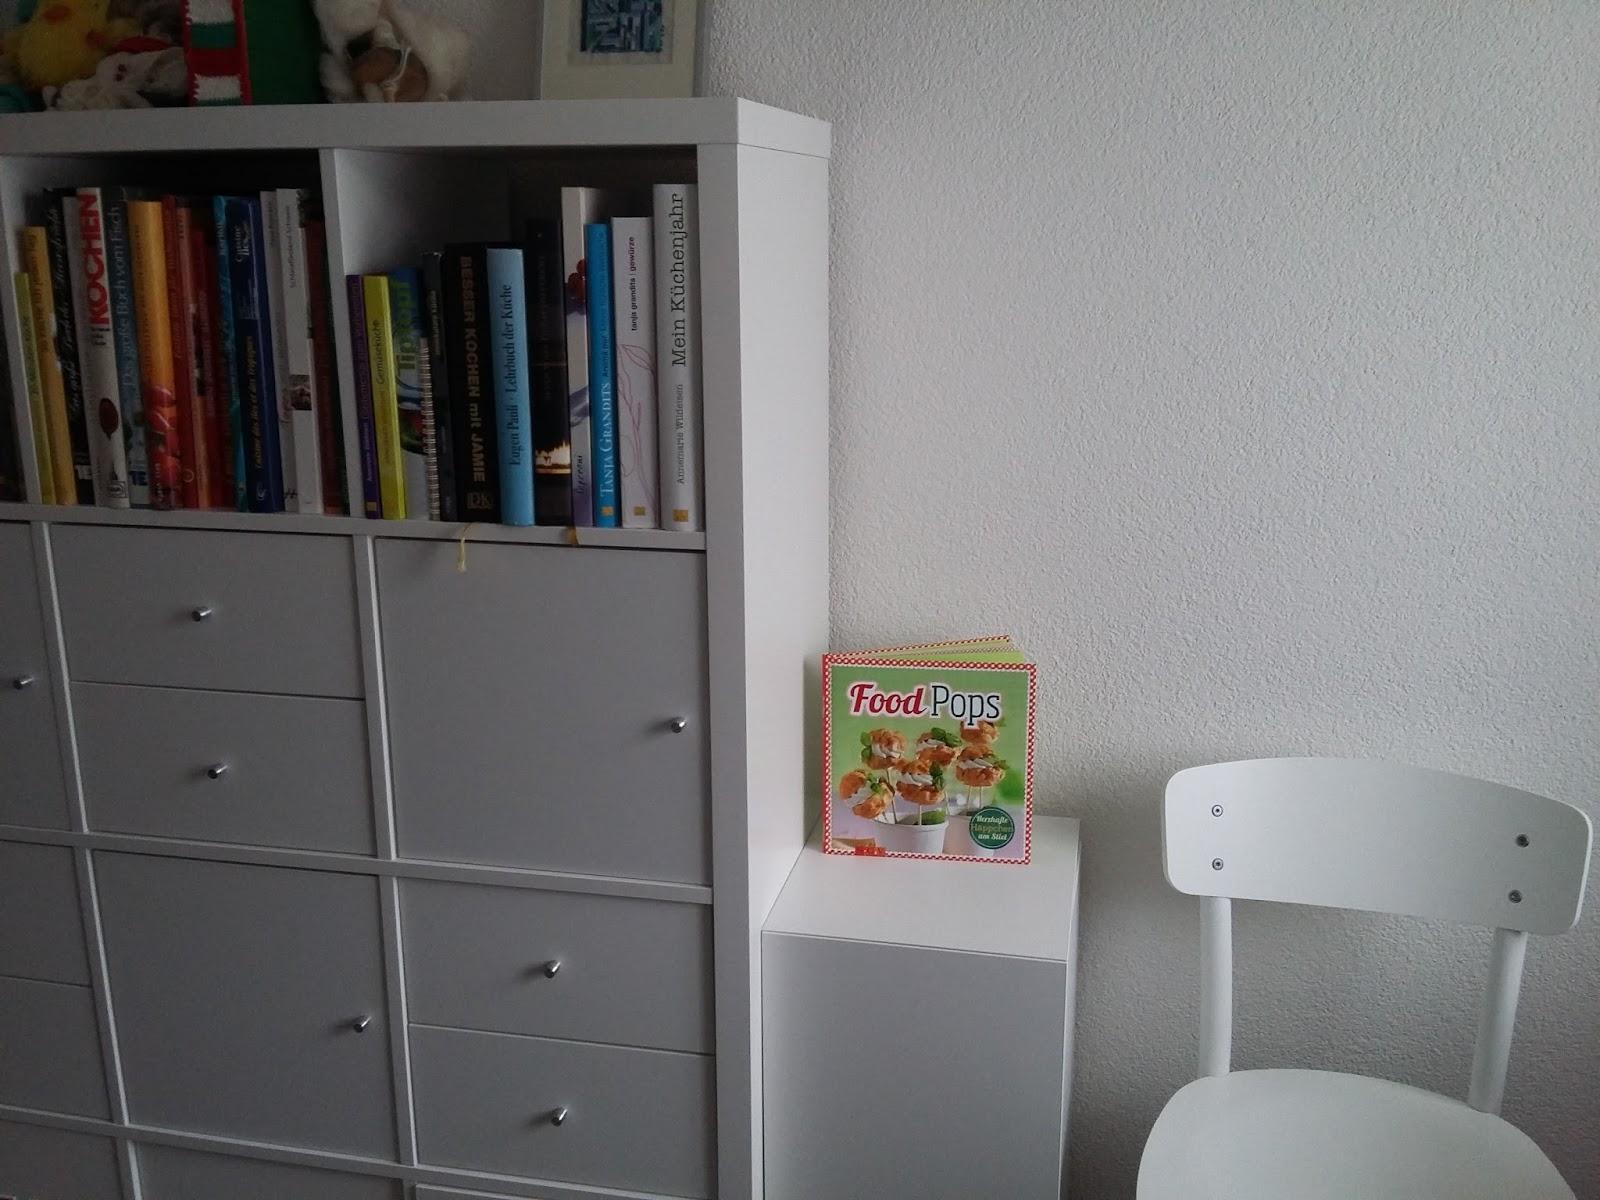 familie n f es ist einfach toll oder ikea m bel und familie sei dank. Black Bedroom Furniture Sets. Home Design Ideas